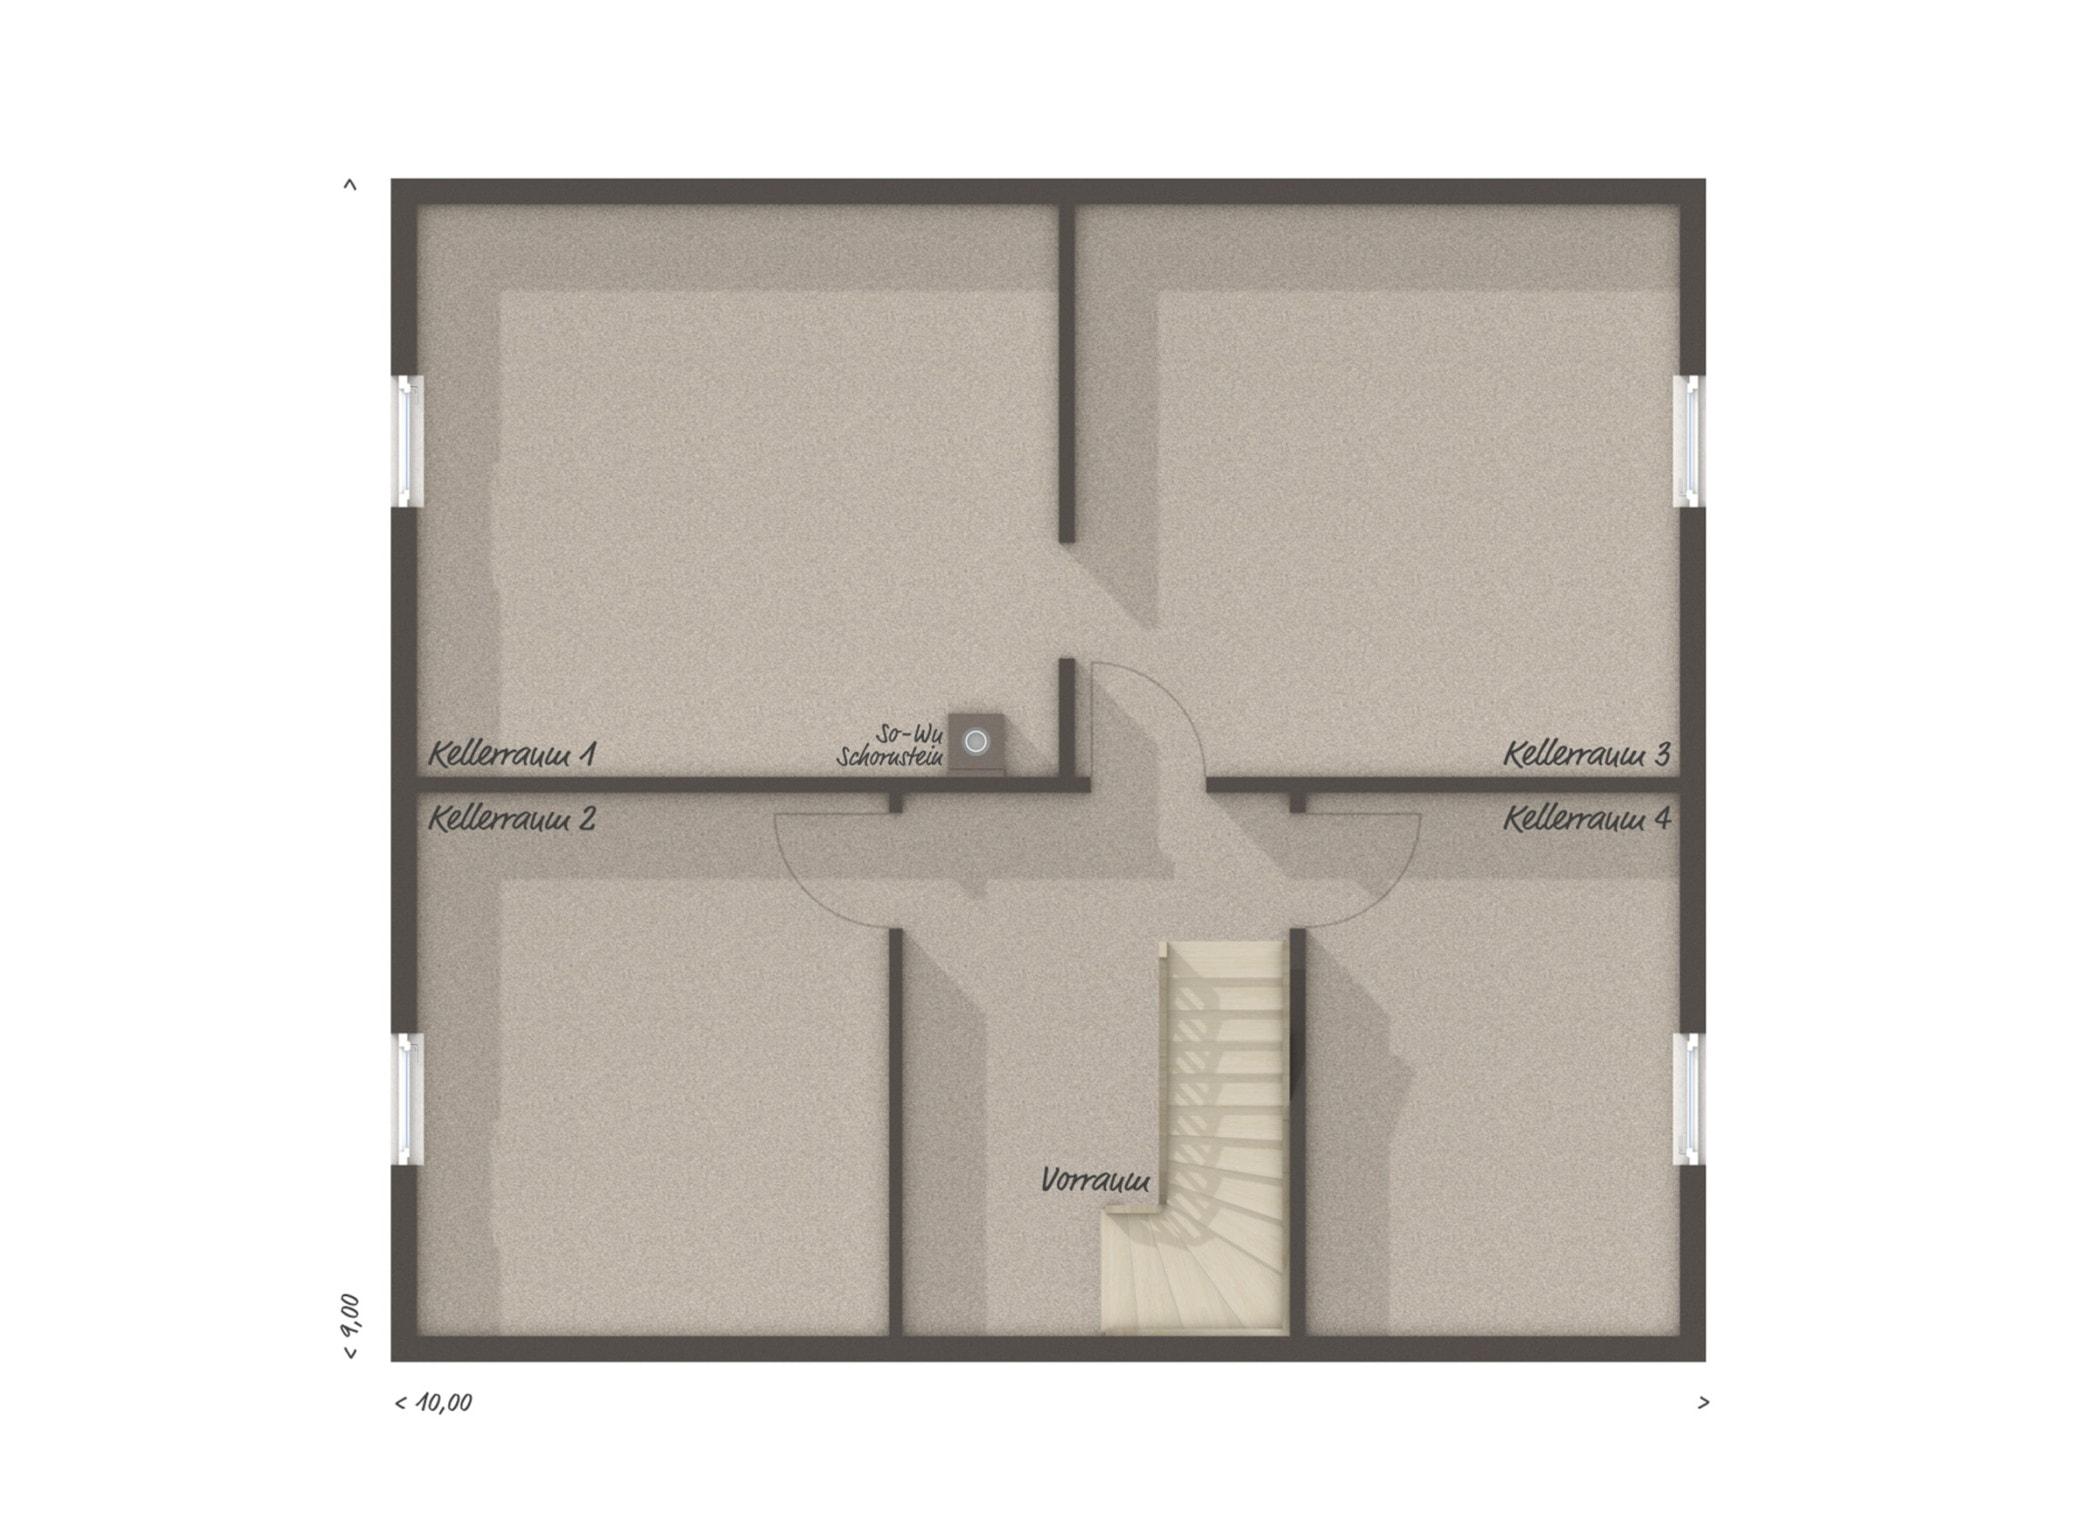 Grundriss Einfamilienhaus Keller, 6 Zimmer, 130 qm - Massivhaus bauen Ideen Town Country Haus FLAIR 134 - HausbauDirekt.de